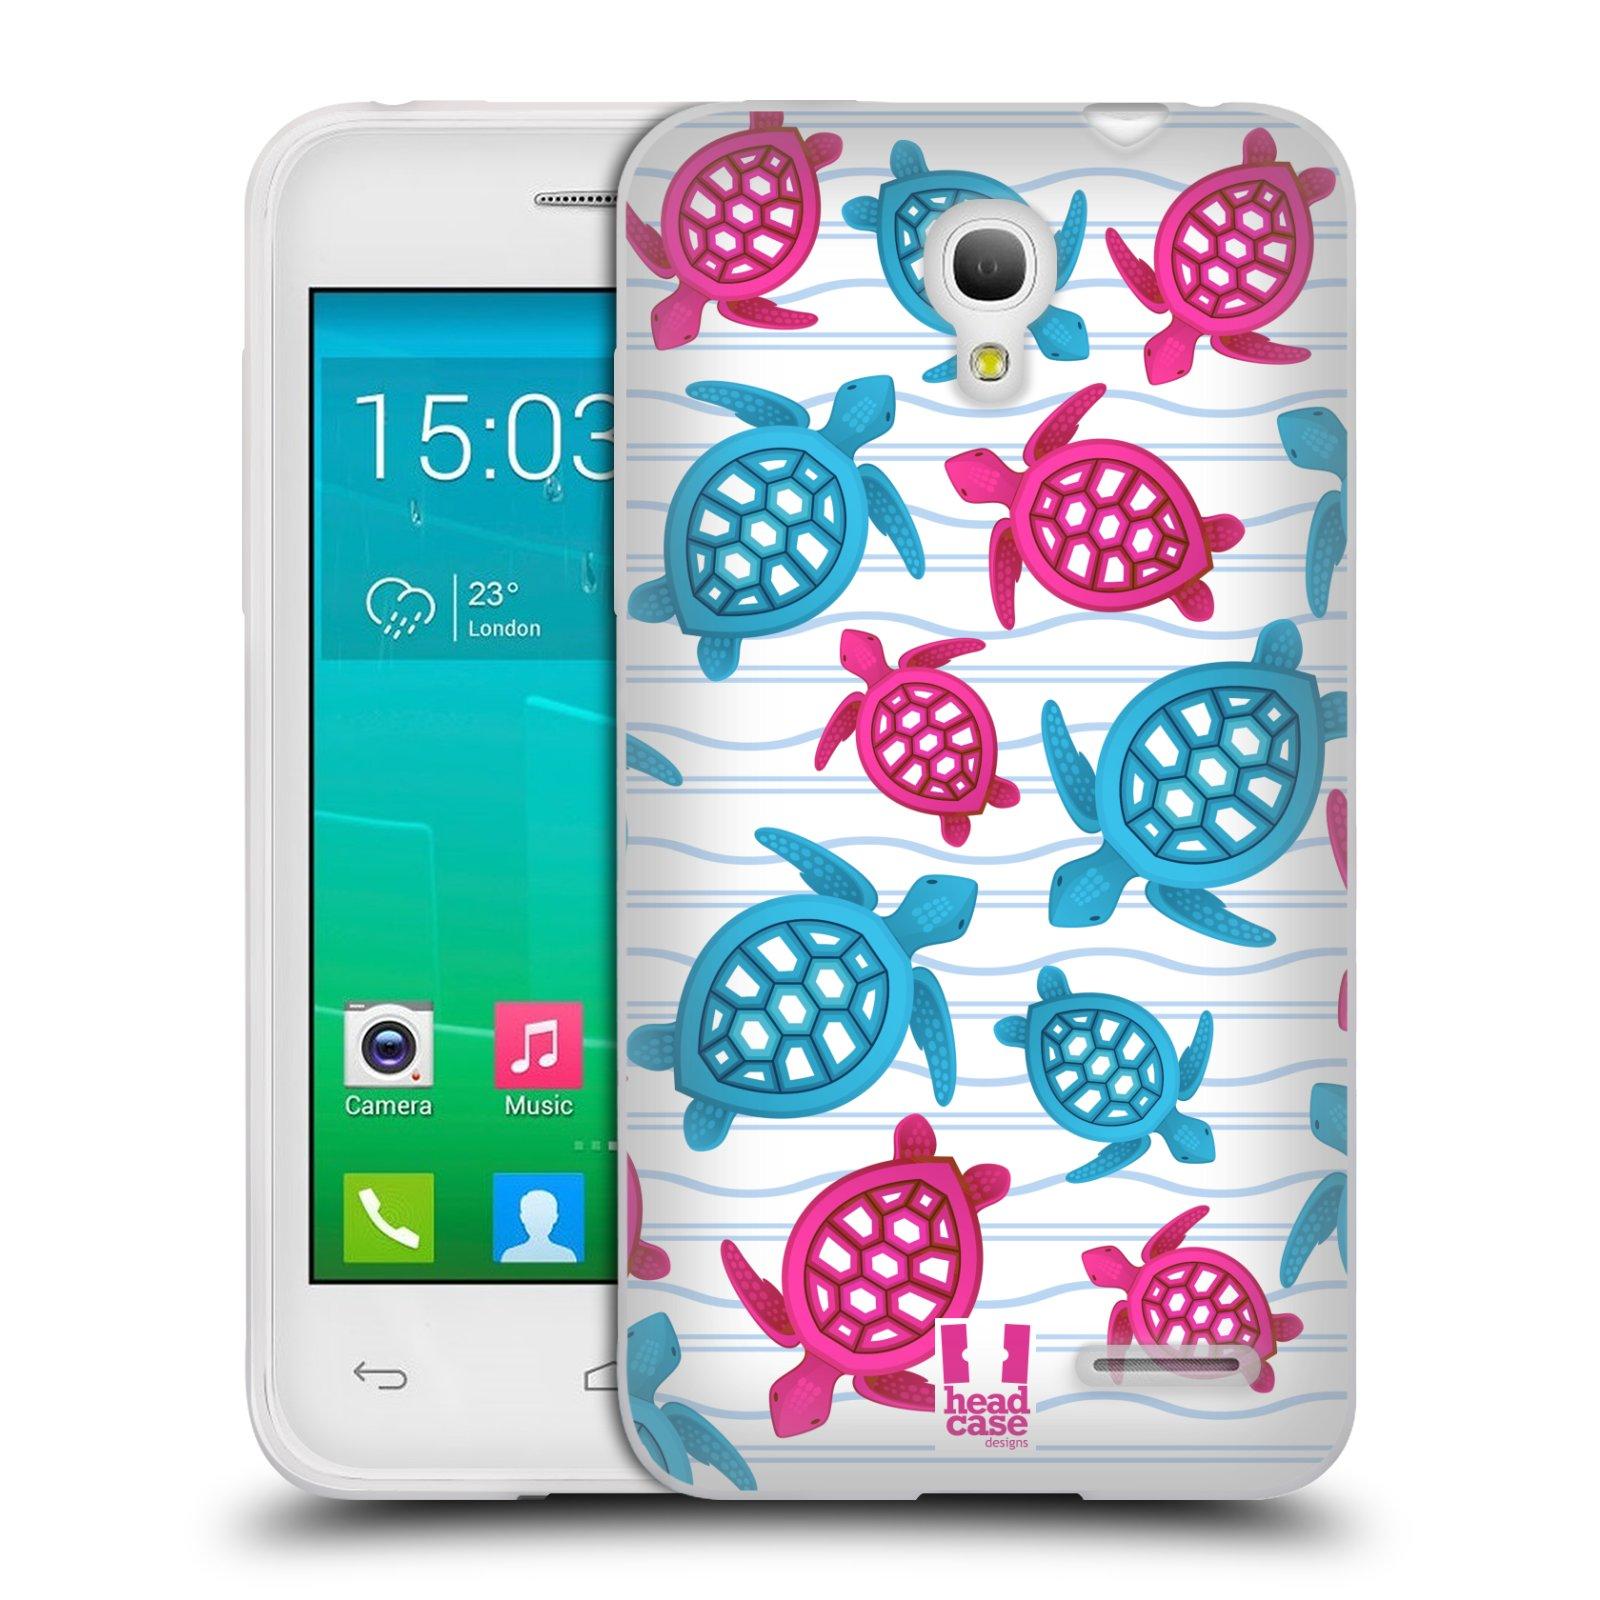 HEAD CASE silikonový obal na mobil Alcatel POP S3 OT-5050Y vzor mořský živočich želva modrá a růžová